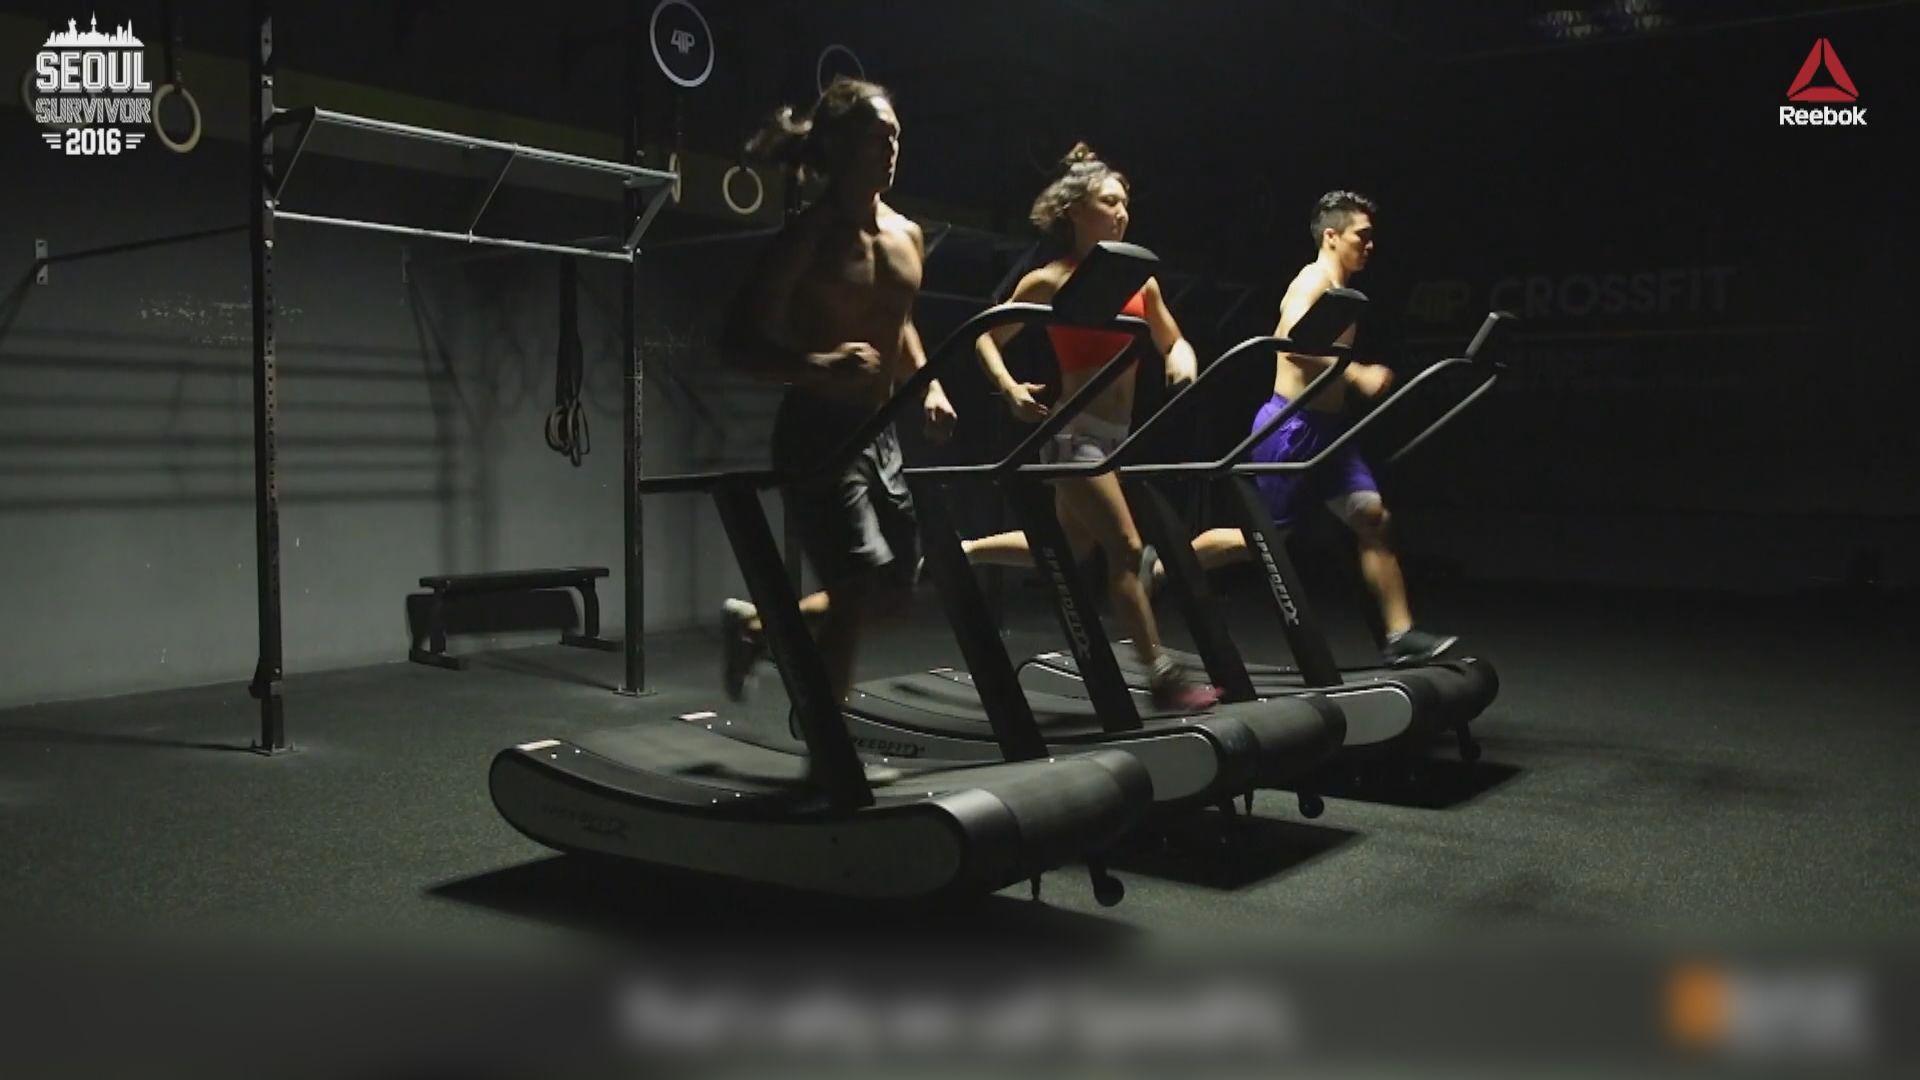 【抗疫奇招】南韓首都圈禁健身室播放快歌防疫 被批荒謬兼不切實際